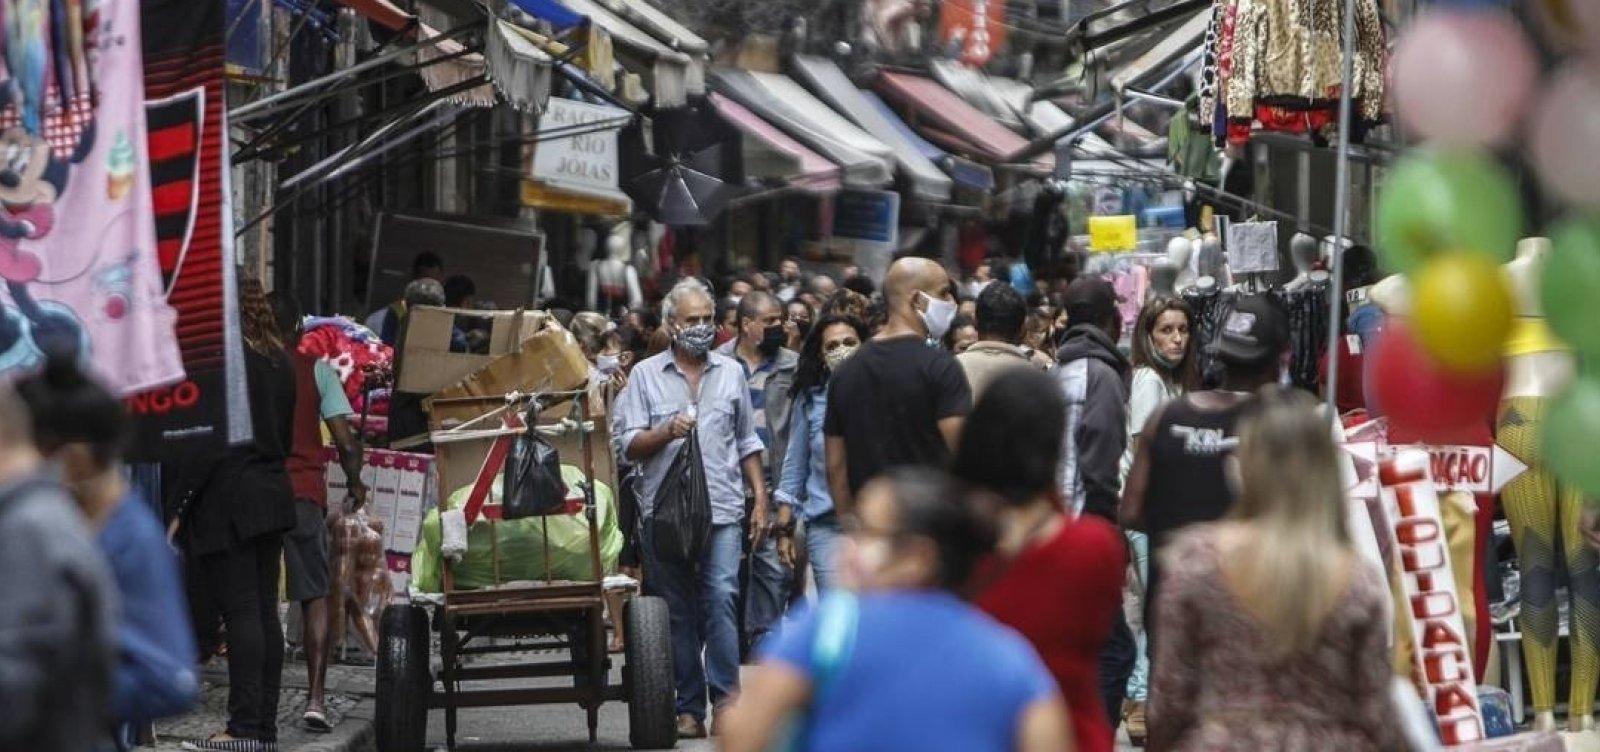 Coronavírus: Brasil tem doses para vacinar ¼ da população prioritária no 1º trimestre